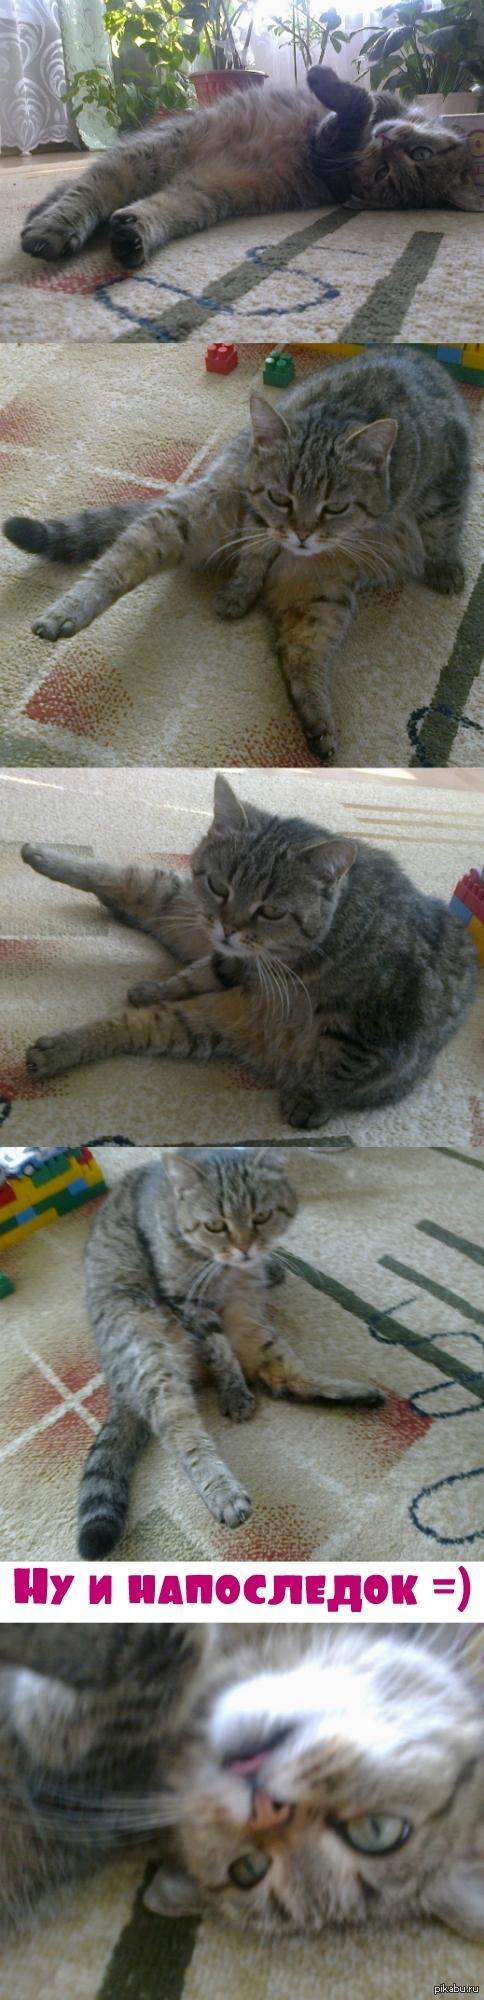 """Украина, Поклонская, олимпиада... вот вам мой упоротый кот =) Моей кошке 14 лет. Иногда она вот так """"зависает"""". Котолучей вам о/"""